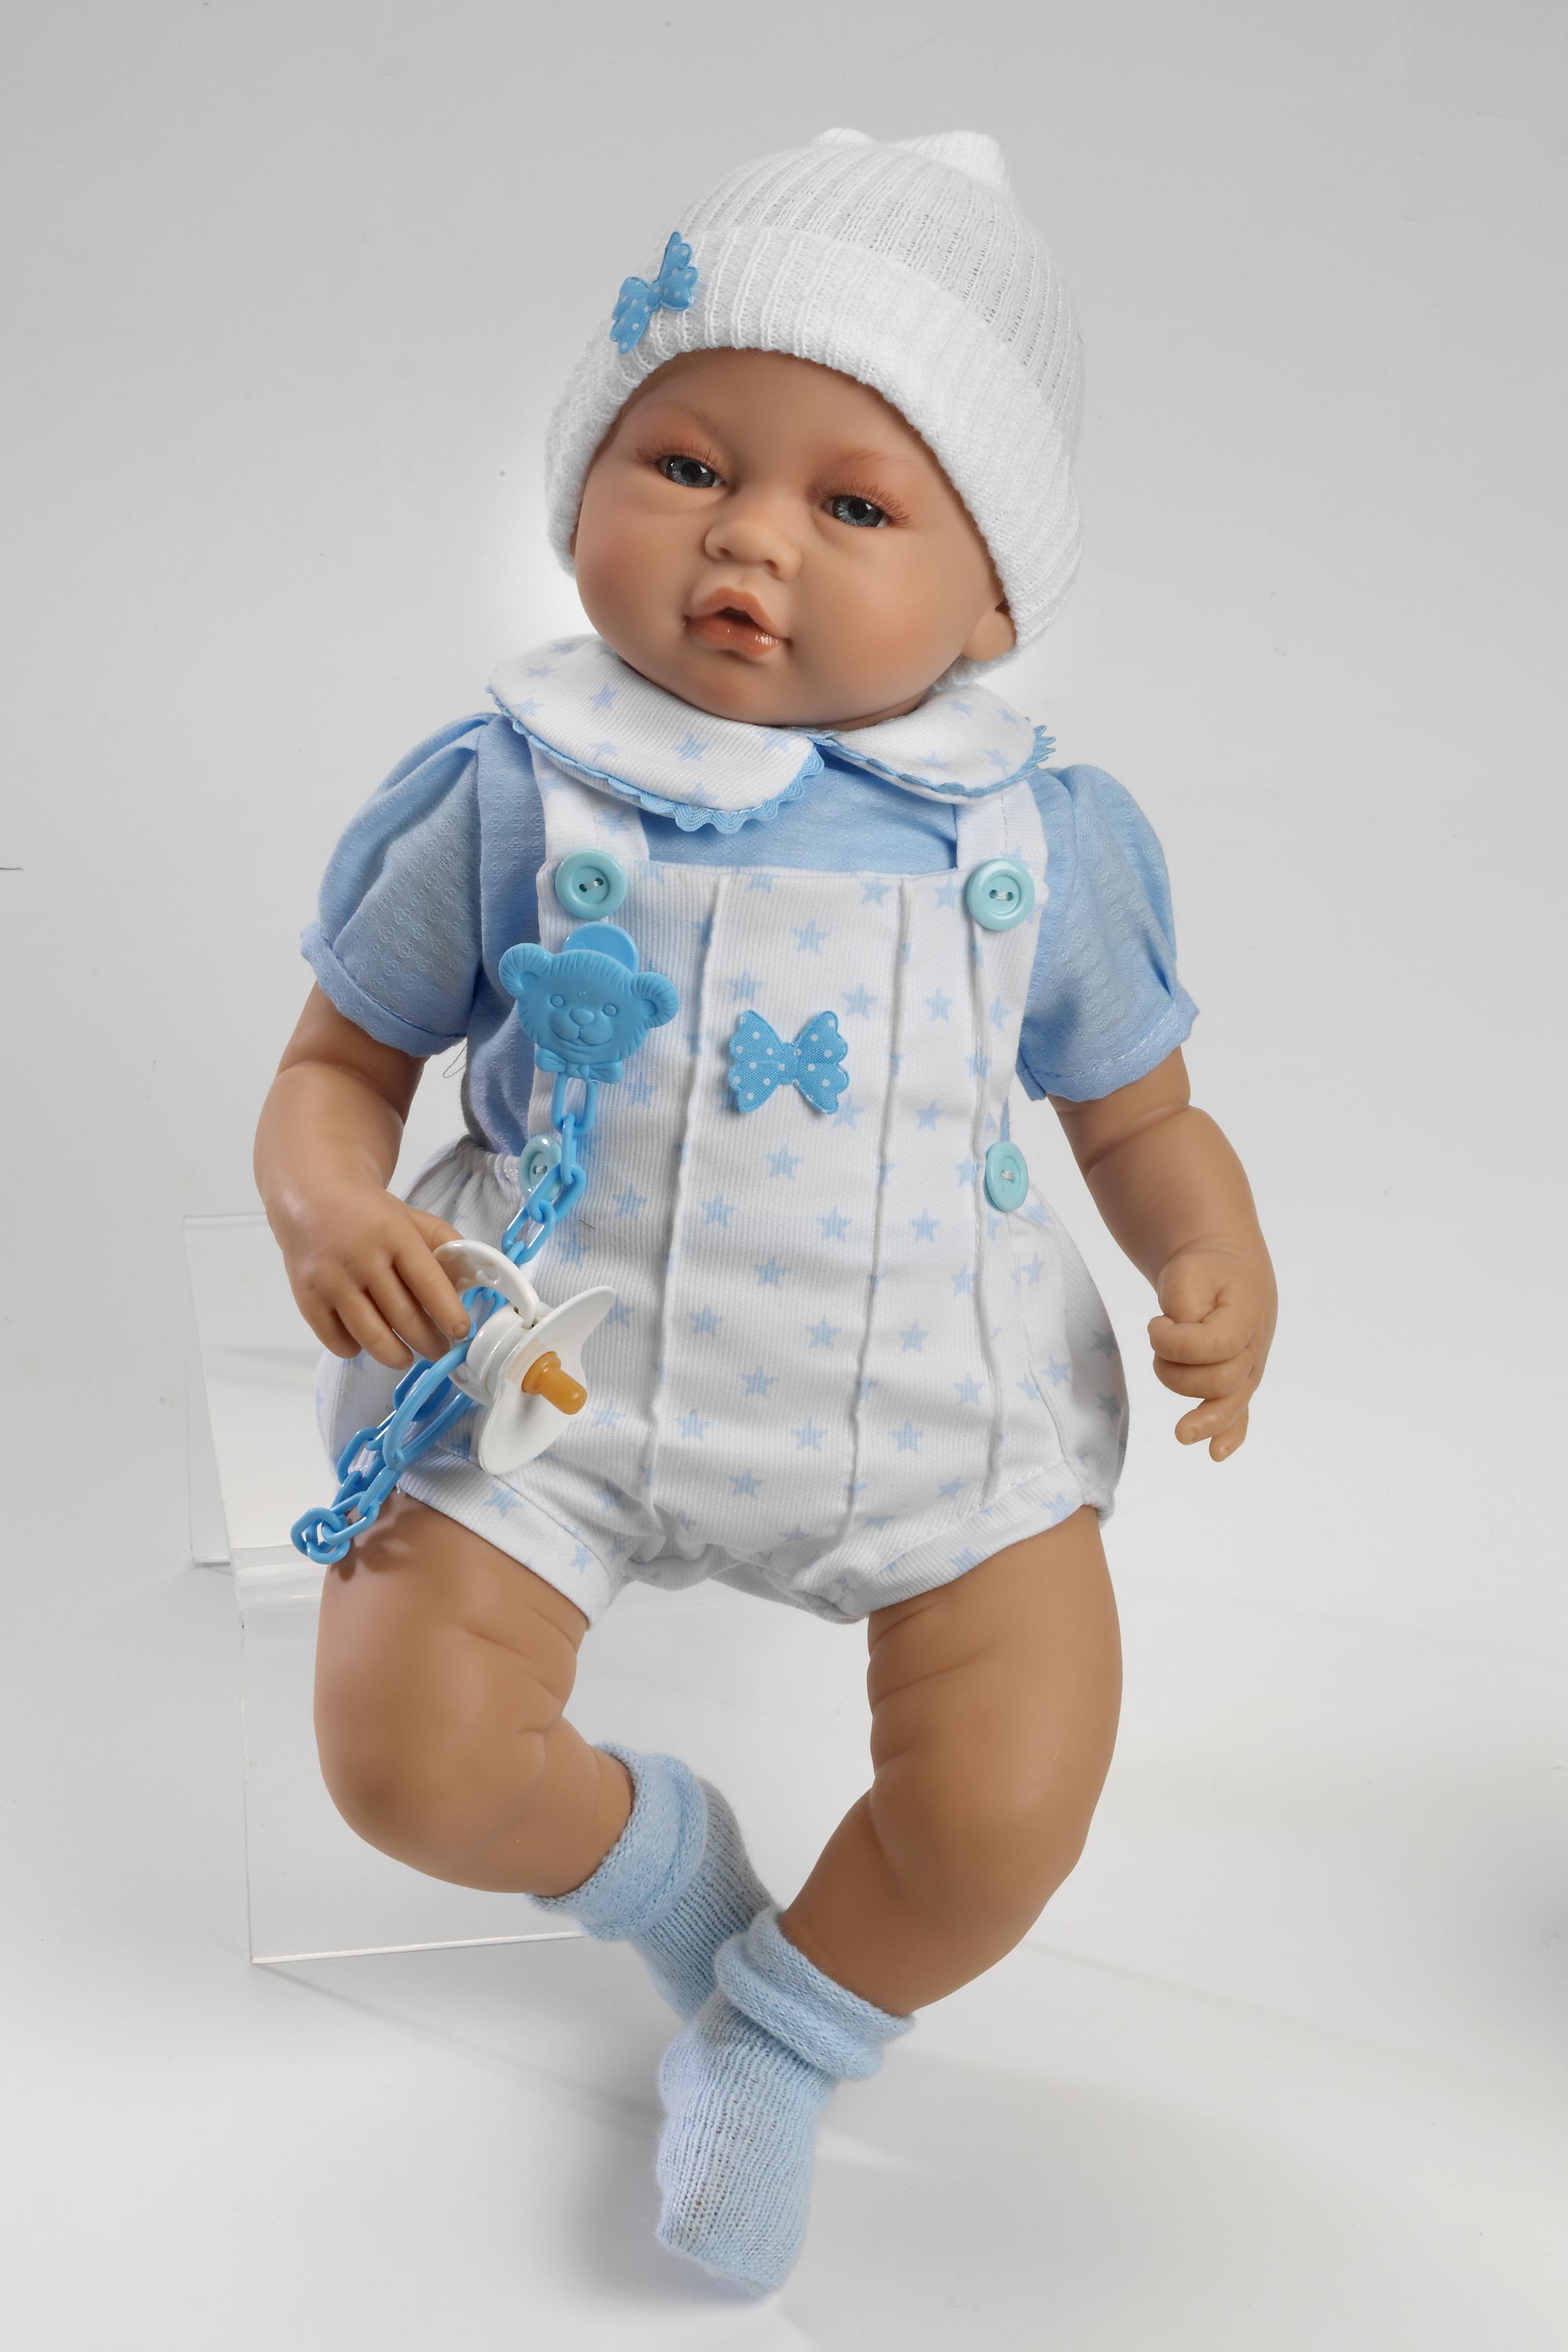 Realistické miminko - chlapeček Iker od firmy Guca ze Španělska (Doprava zdarma)